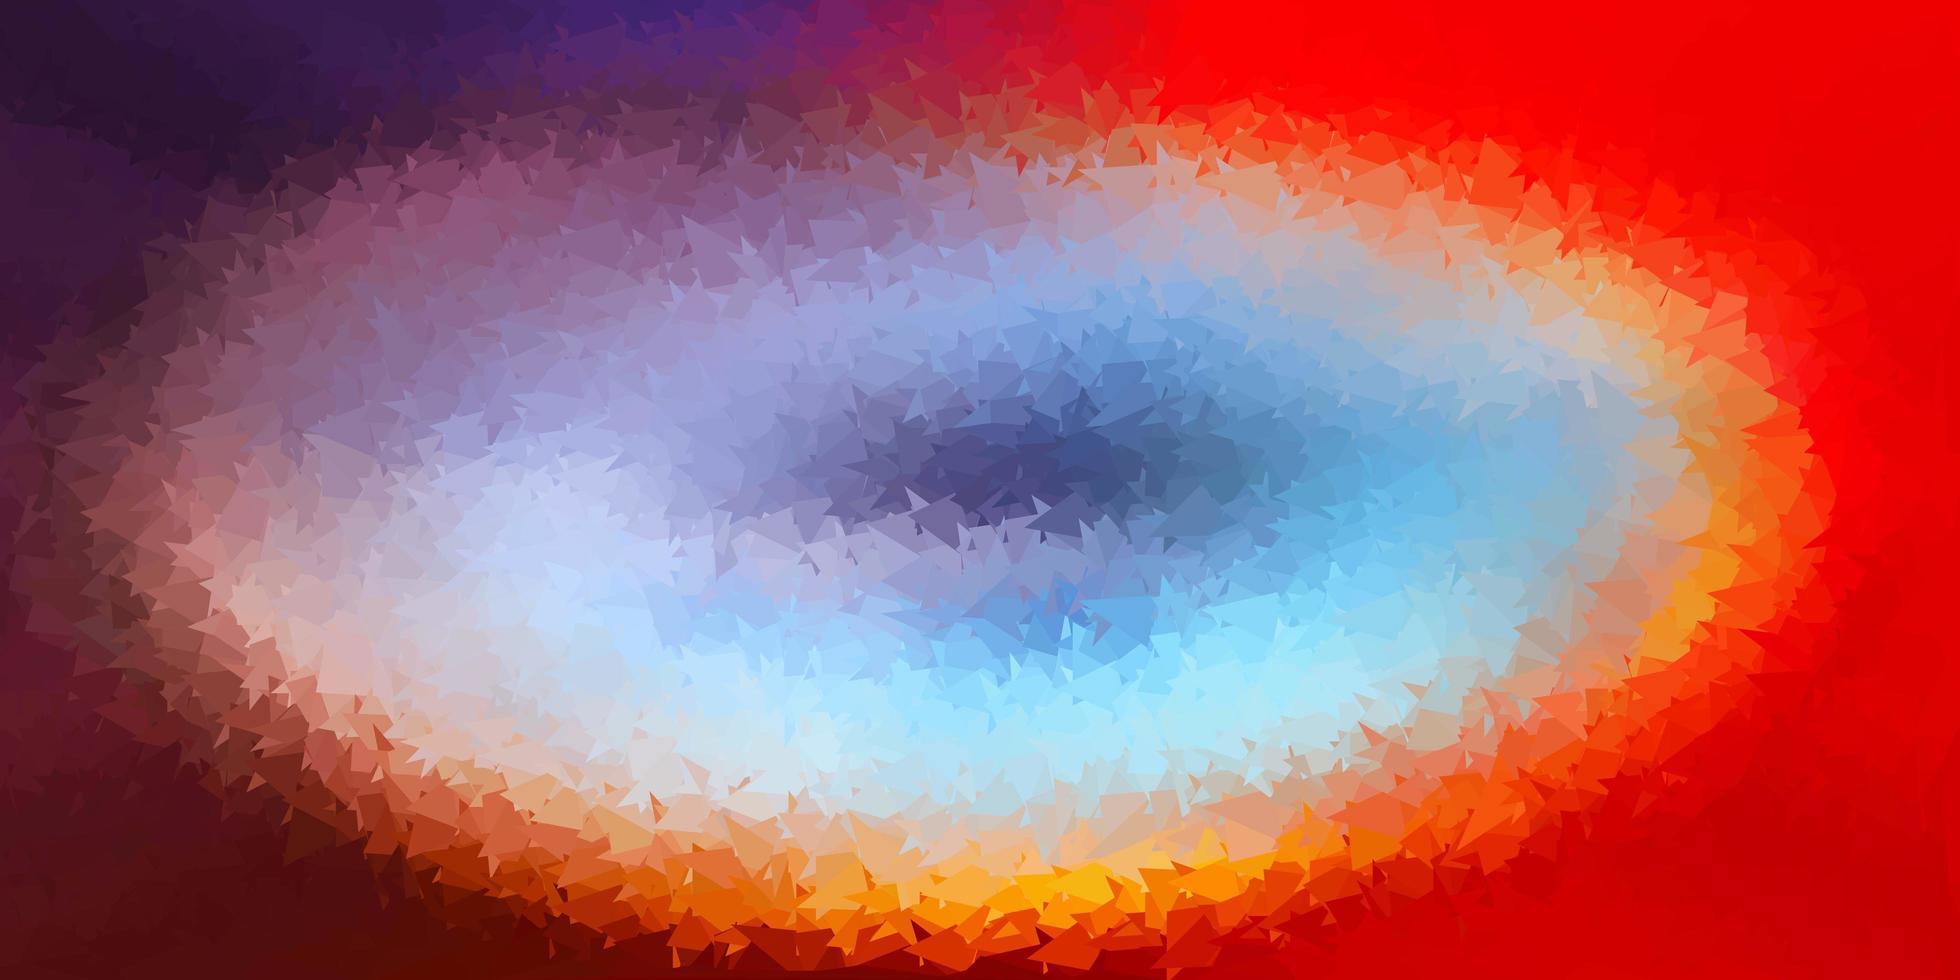 ljusblått, rött månghörnigt mönster. vektor